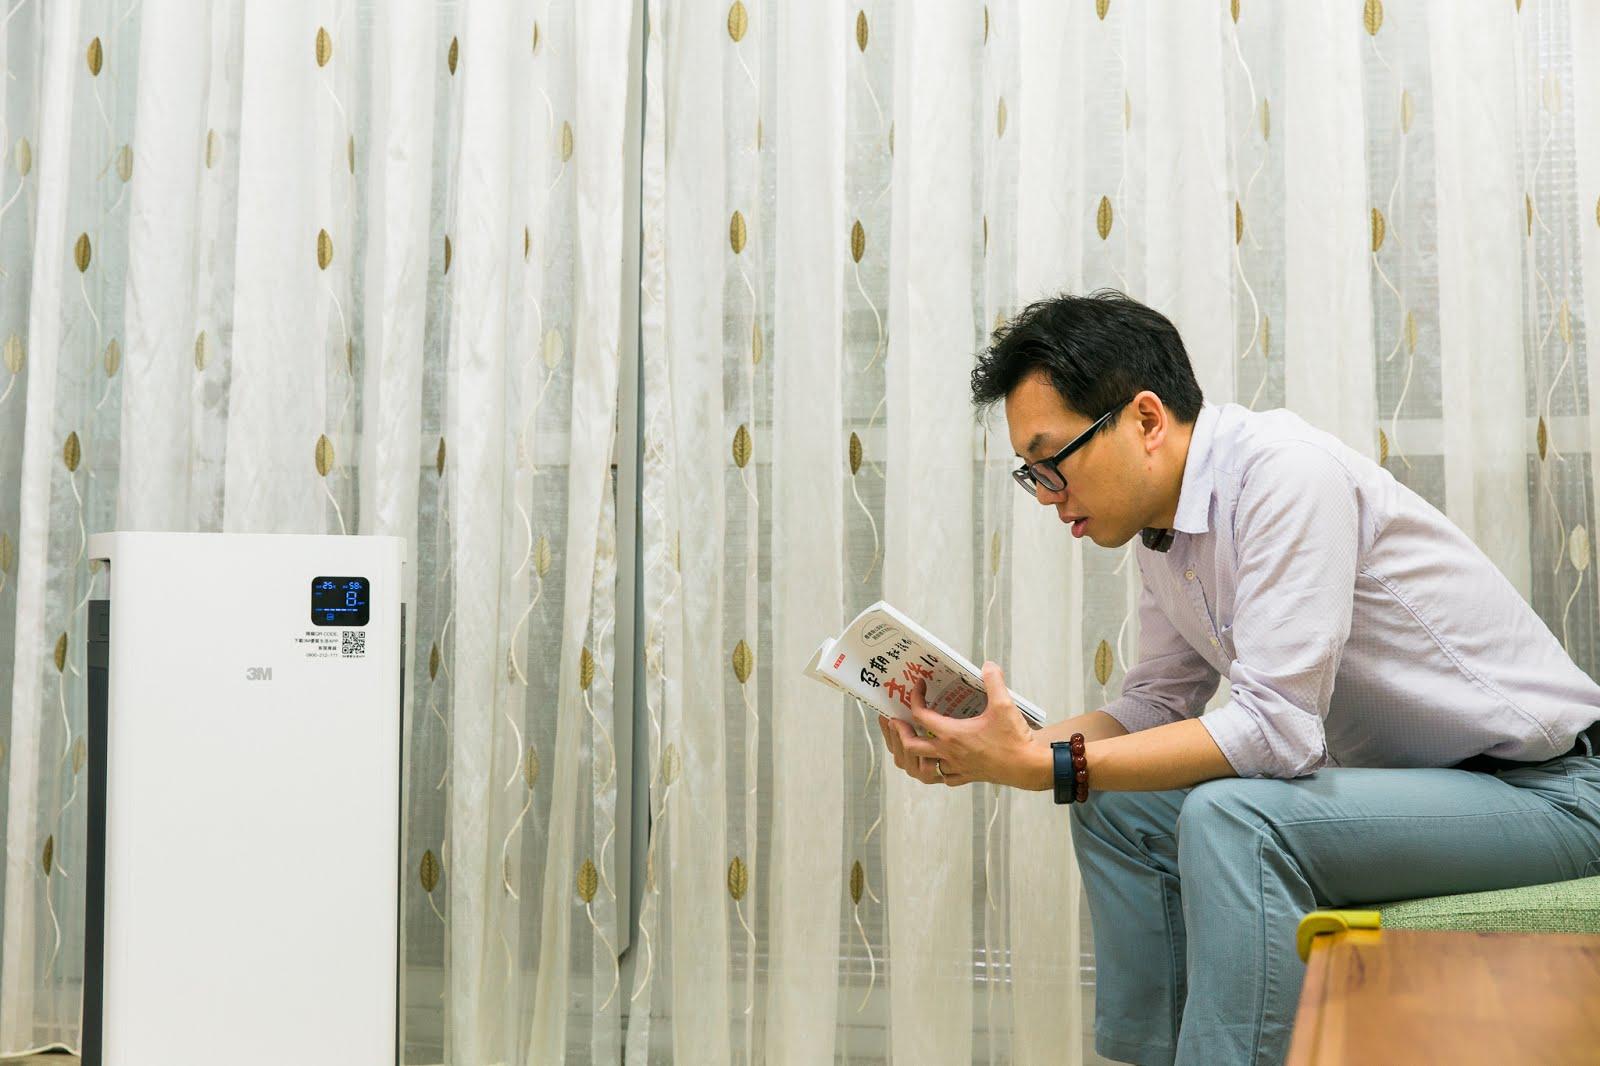 3M%2BFA-S500_dj%25E7%2590%25A6%25E7%2590%25A6_wwwhostkikicom_%25E7%259C%258B%25E6%259B%25B8%25E4%25B8%258D%25E5%25B9%25B2%25E6%2593%25BE.jpg-讓空氣跟家一樣令人安心│3M ™淨呼吸™全效型空氣清淨機─機皇級FA-S500